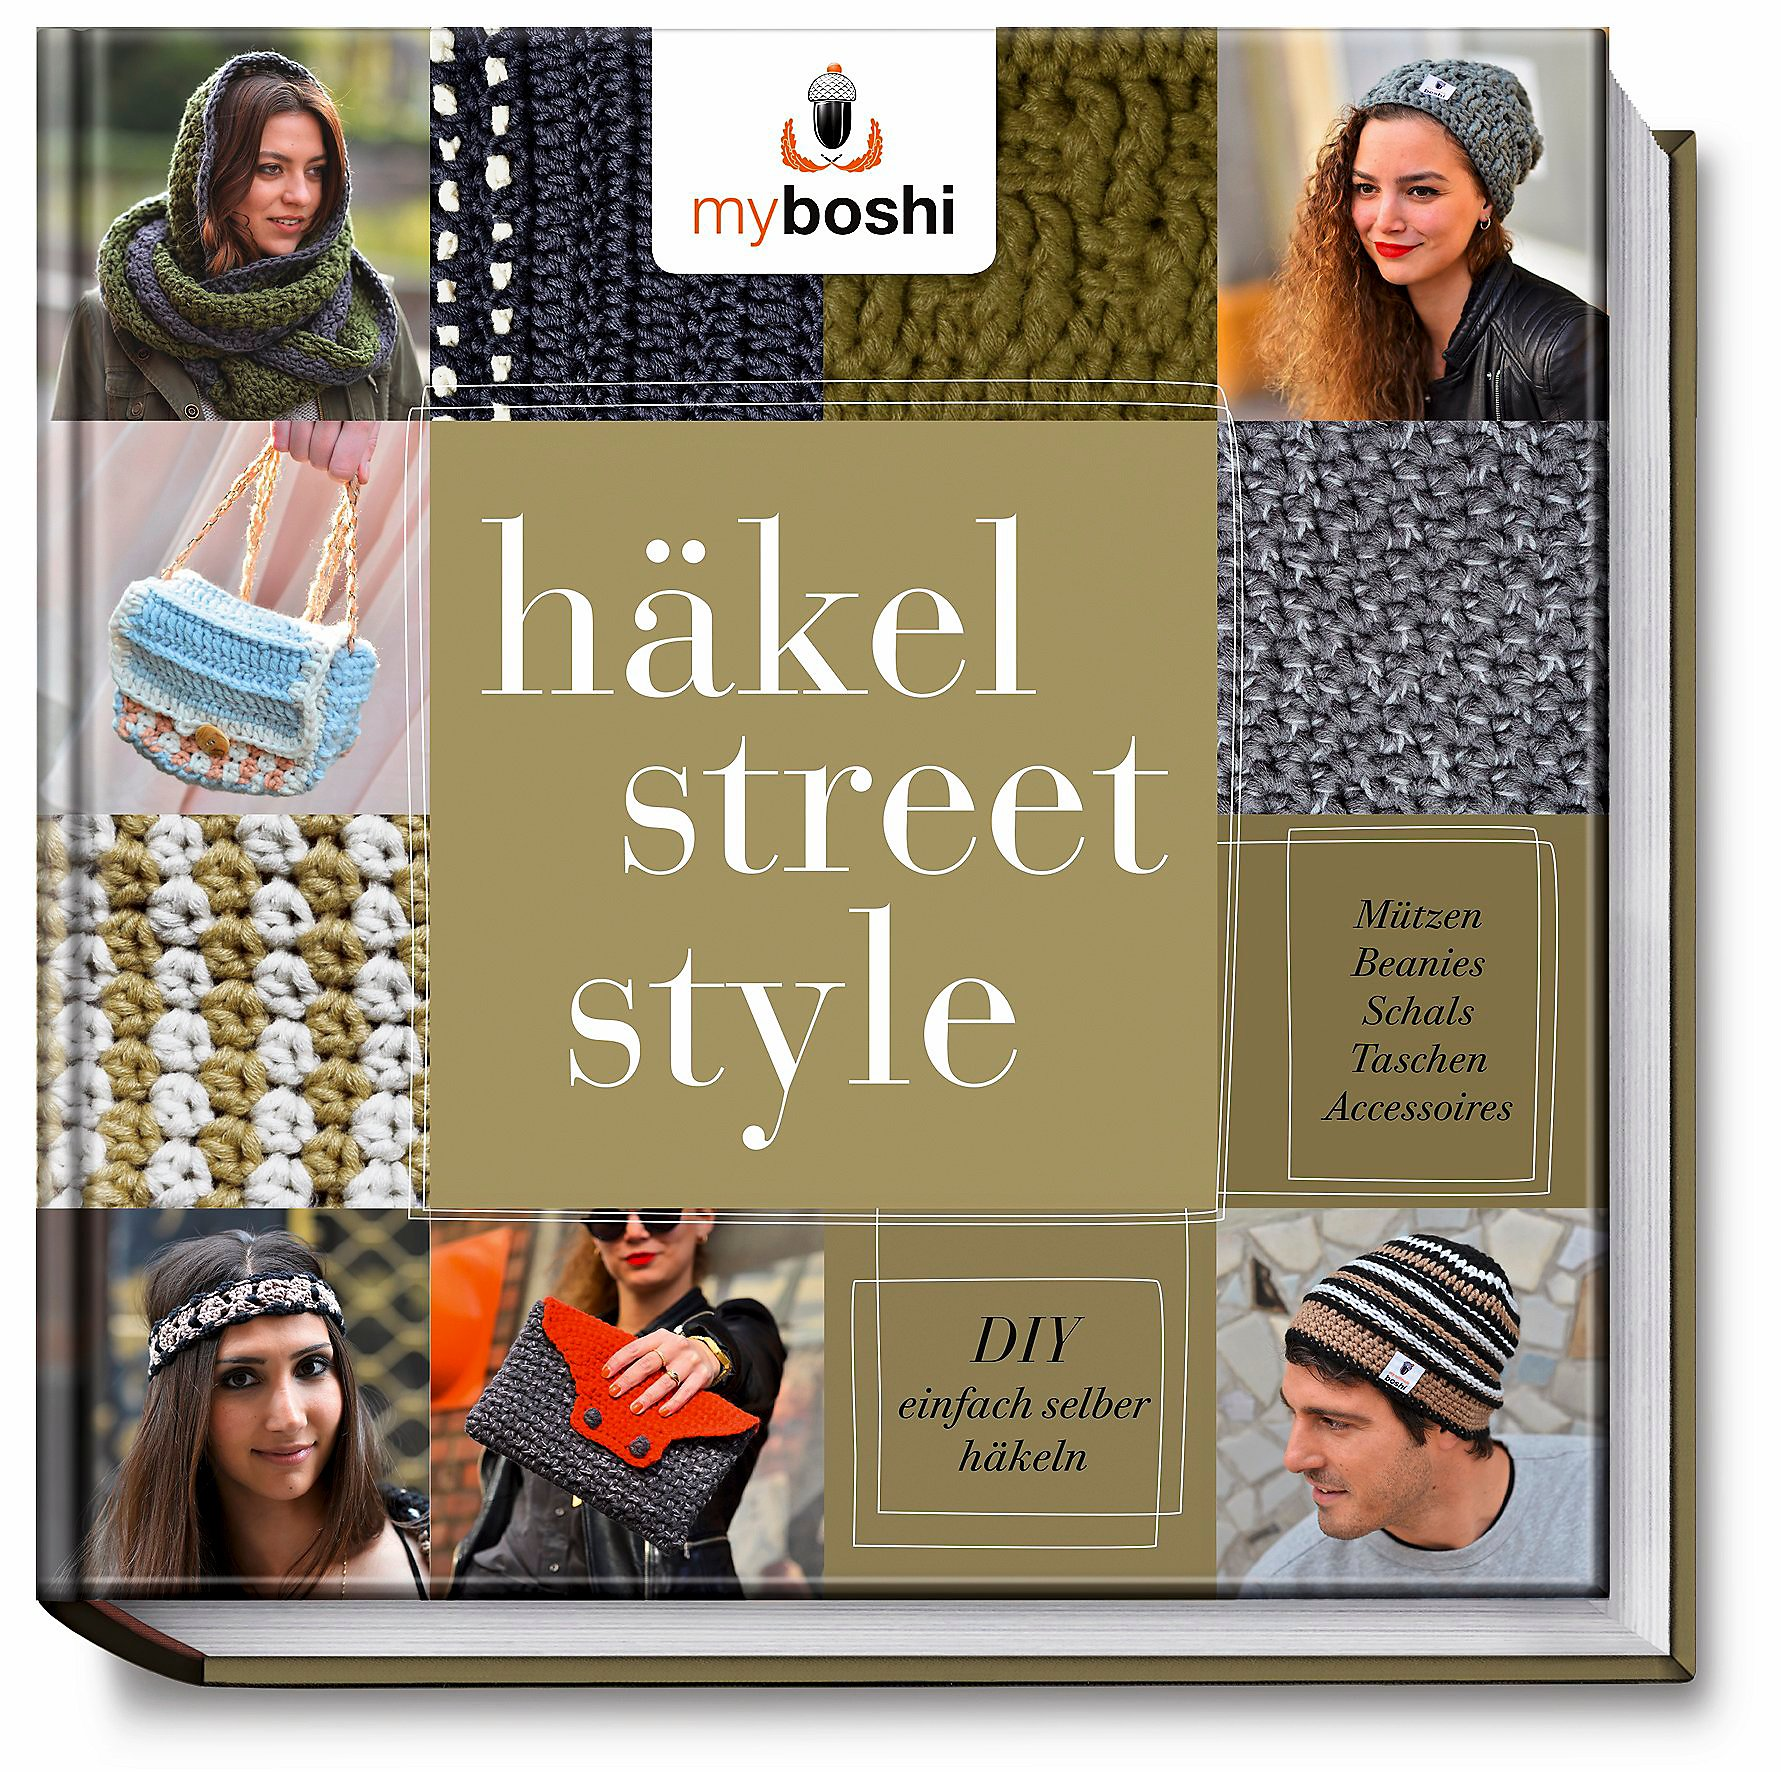 Myboshi Häkel Street Style Buch Portofrei Bei Weltbildde